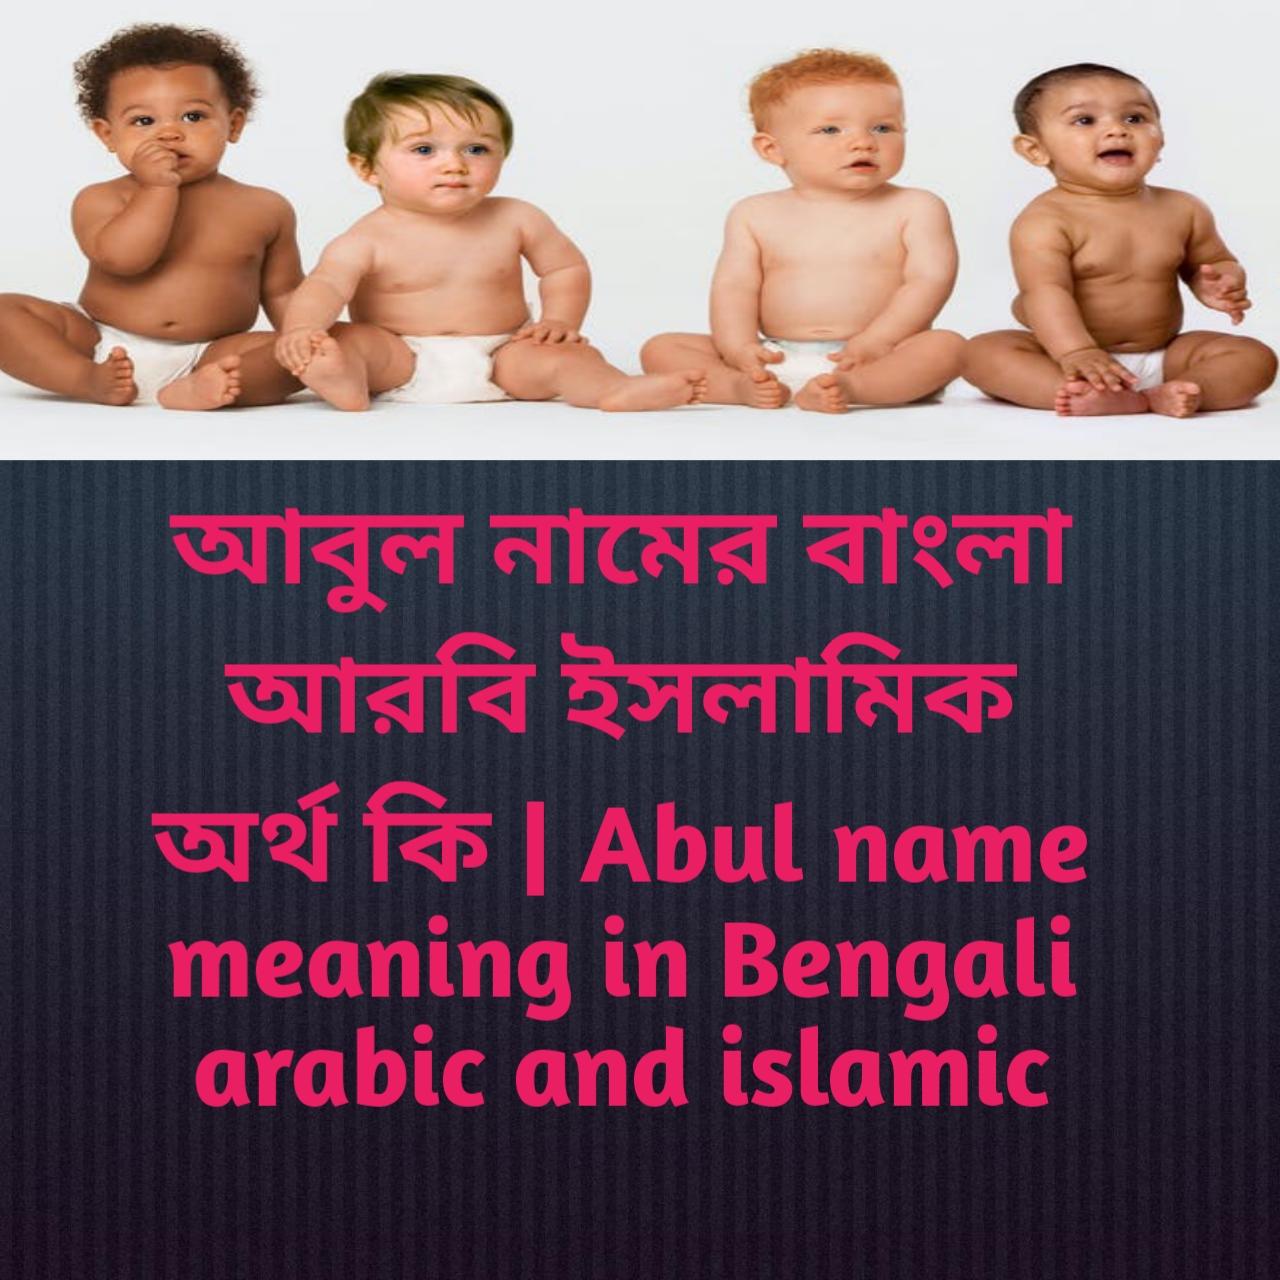 আবুল নামের অর্থ কি, আবুল নামের বাংলা অর্থ কি, আবুল নামের ইসলামিক অর্থ কি, Abul name meaning in Bengali, আবুল কি ইসলামিক নাম,